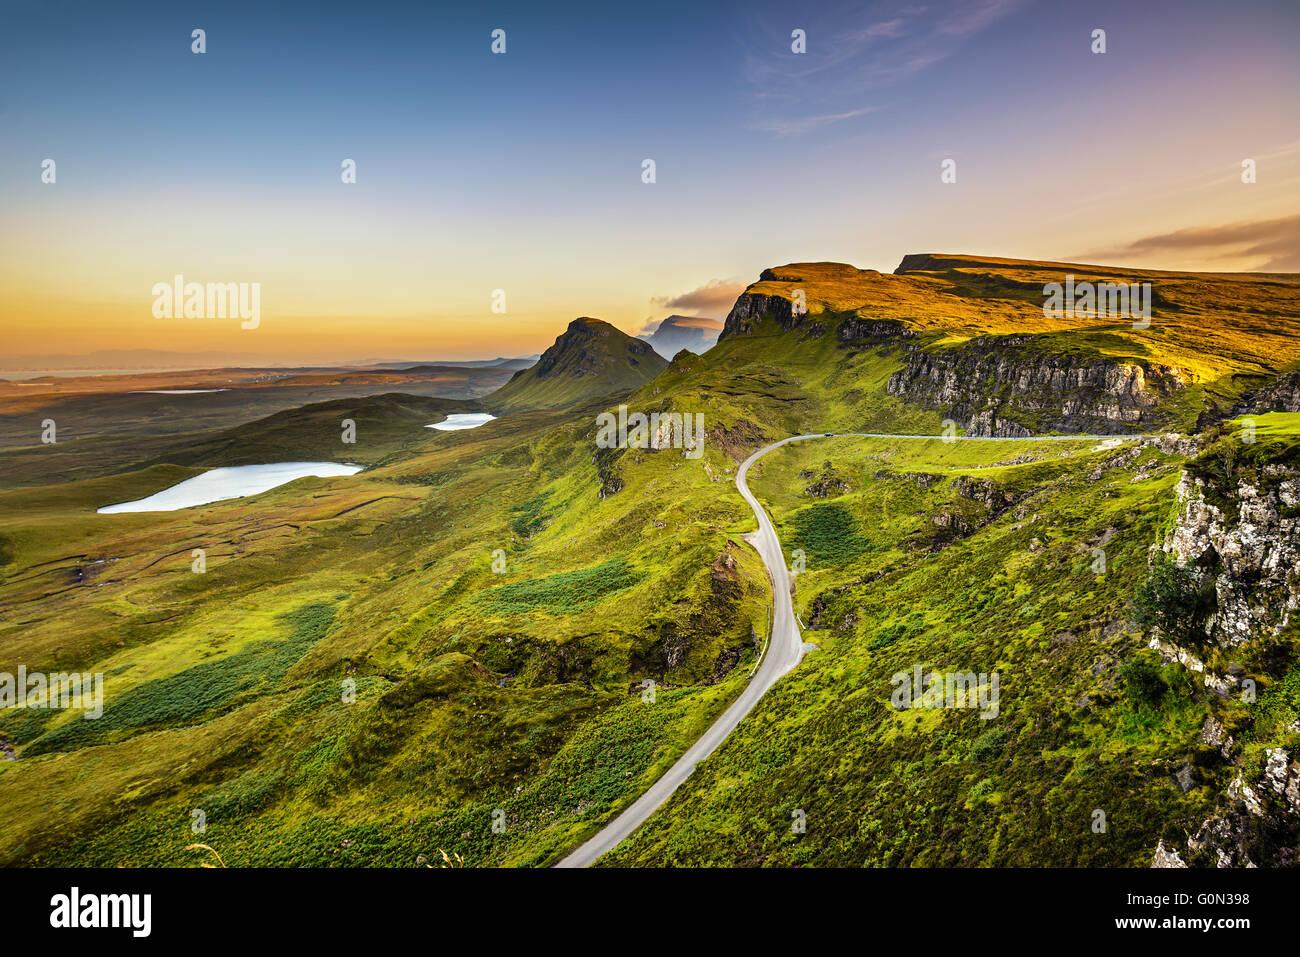 Quiraing mountains sunset at Isle of Skye, Scottish highlands, United Kingdom - Stock Image